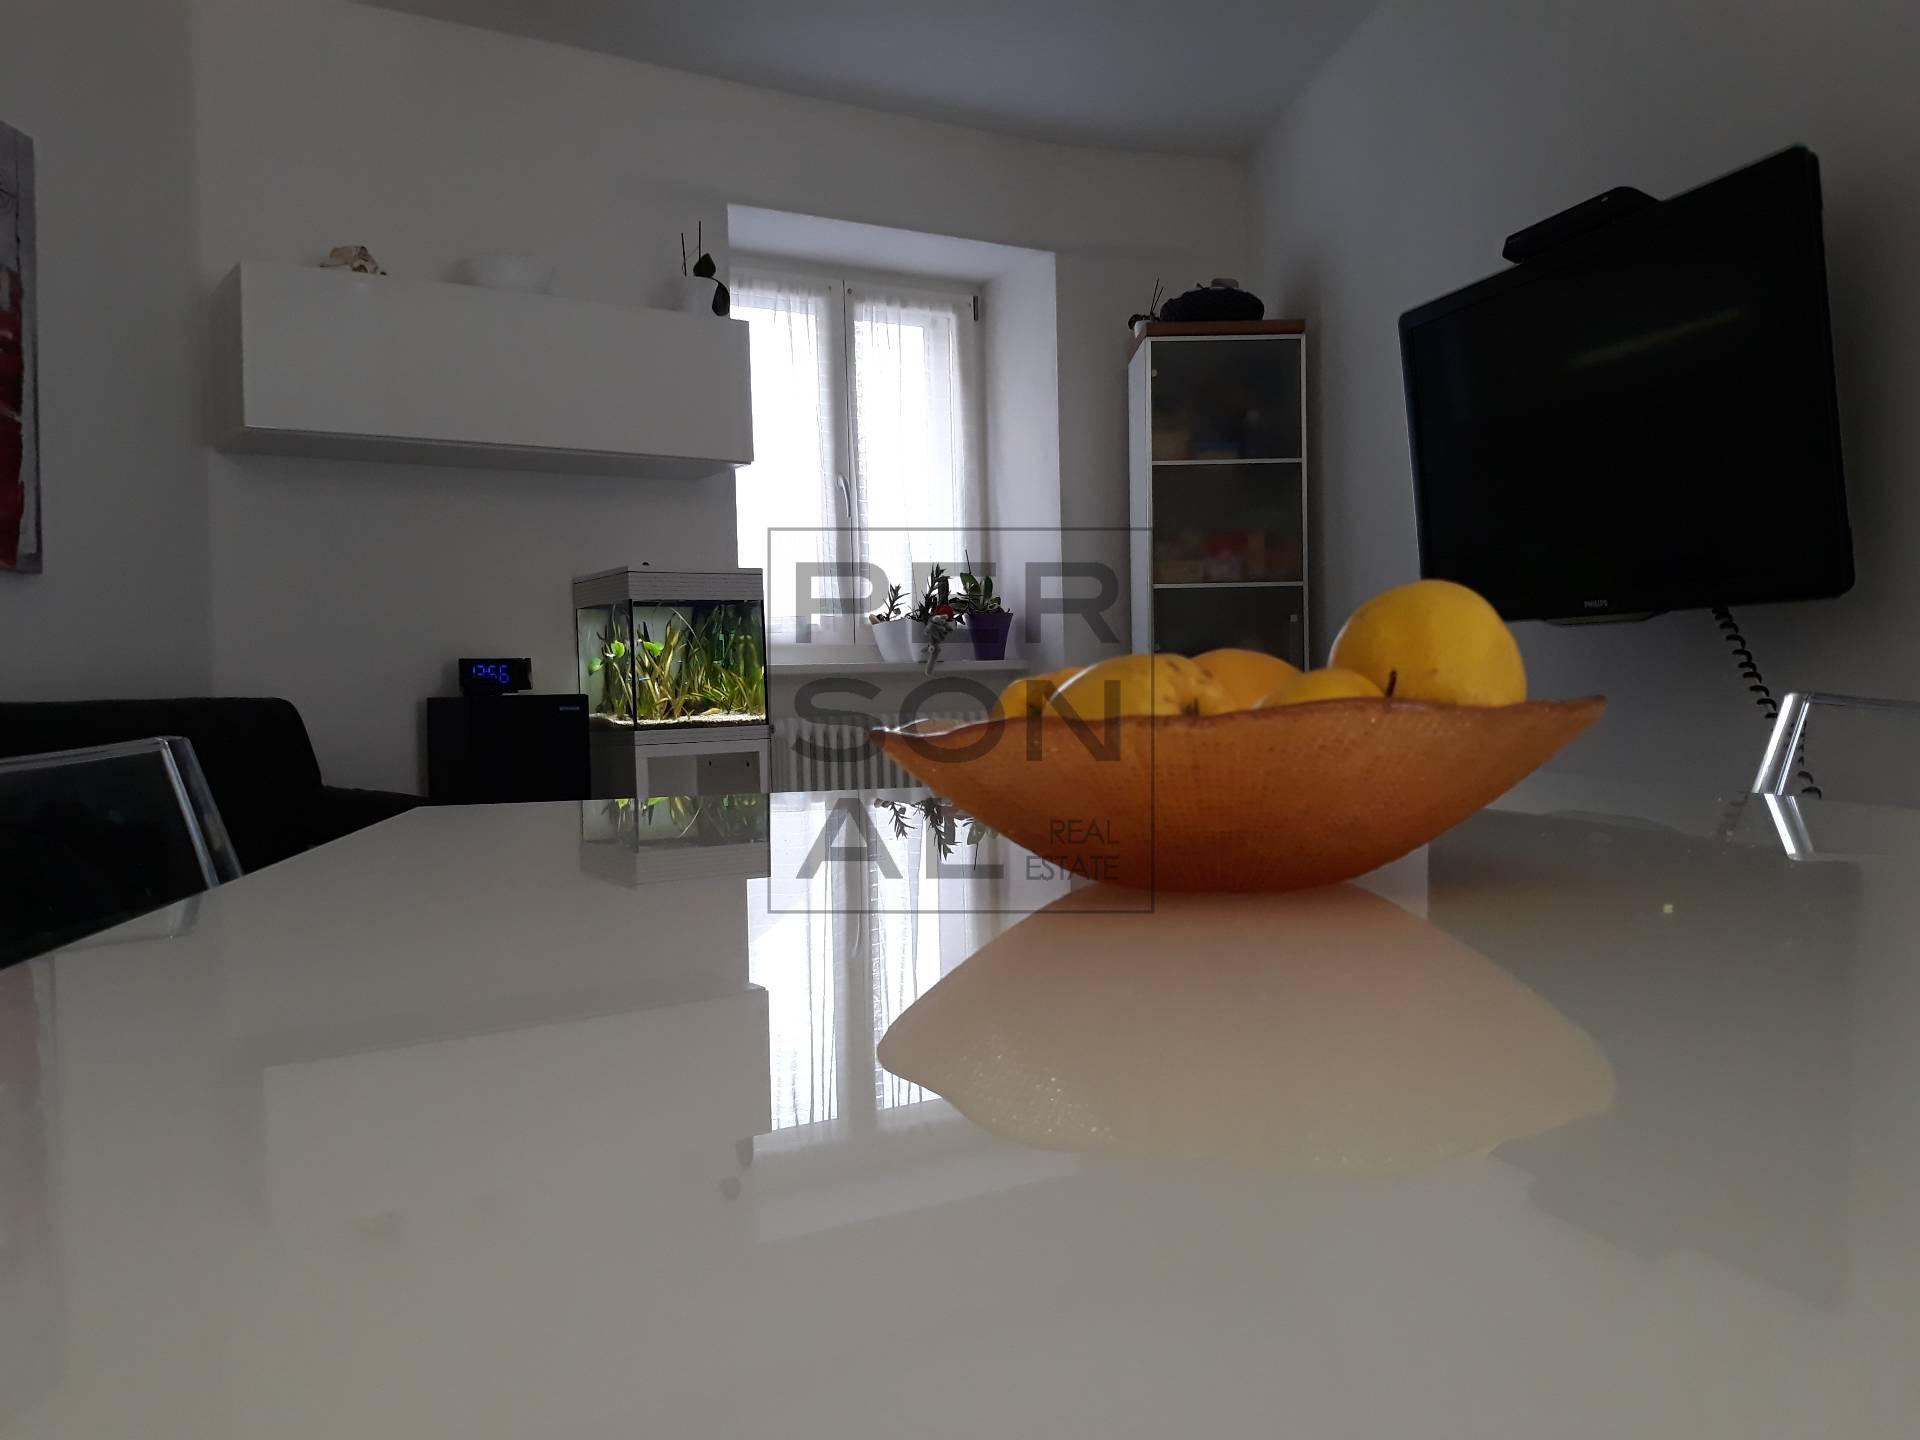 Appartamento in vendita a Nomi, 4 locali, prezzo € 200.000   CambioCasa.it